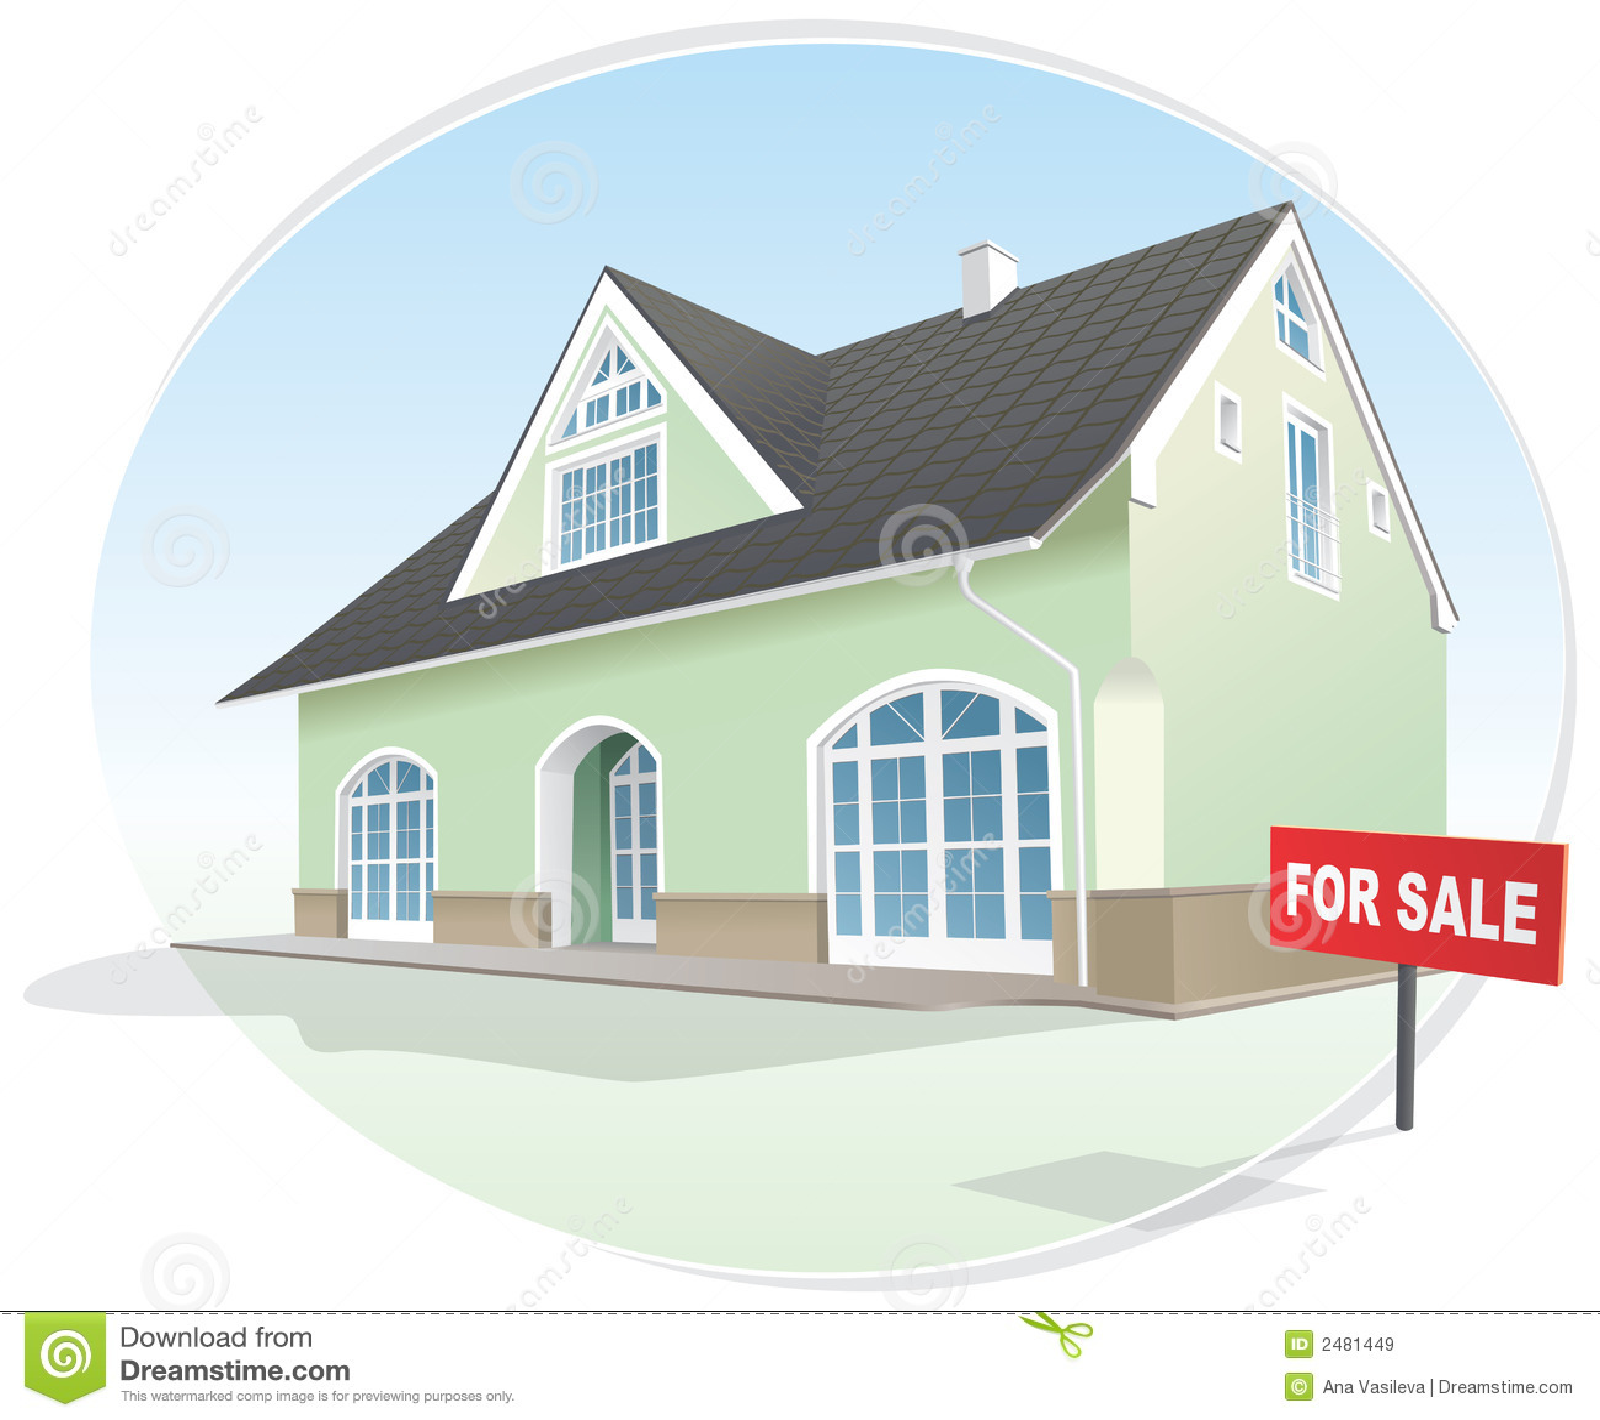 Huis makelaardij voor verkoop vector royalty vrije stock afbeeldingen afbeelding 2481449 - Huis verkoop ...